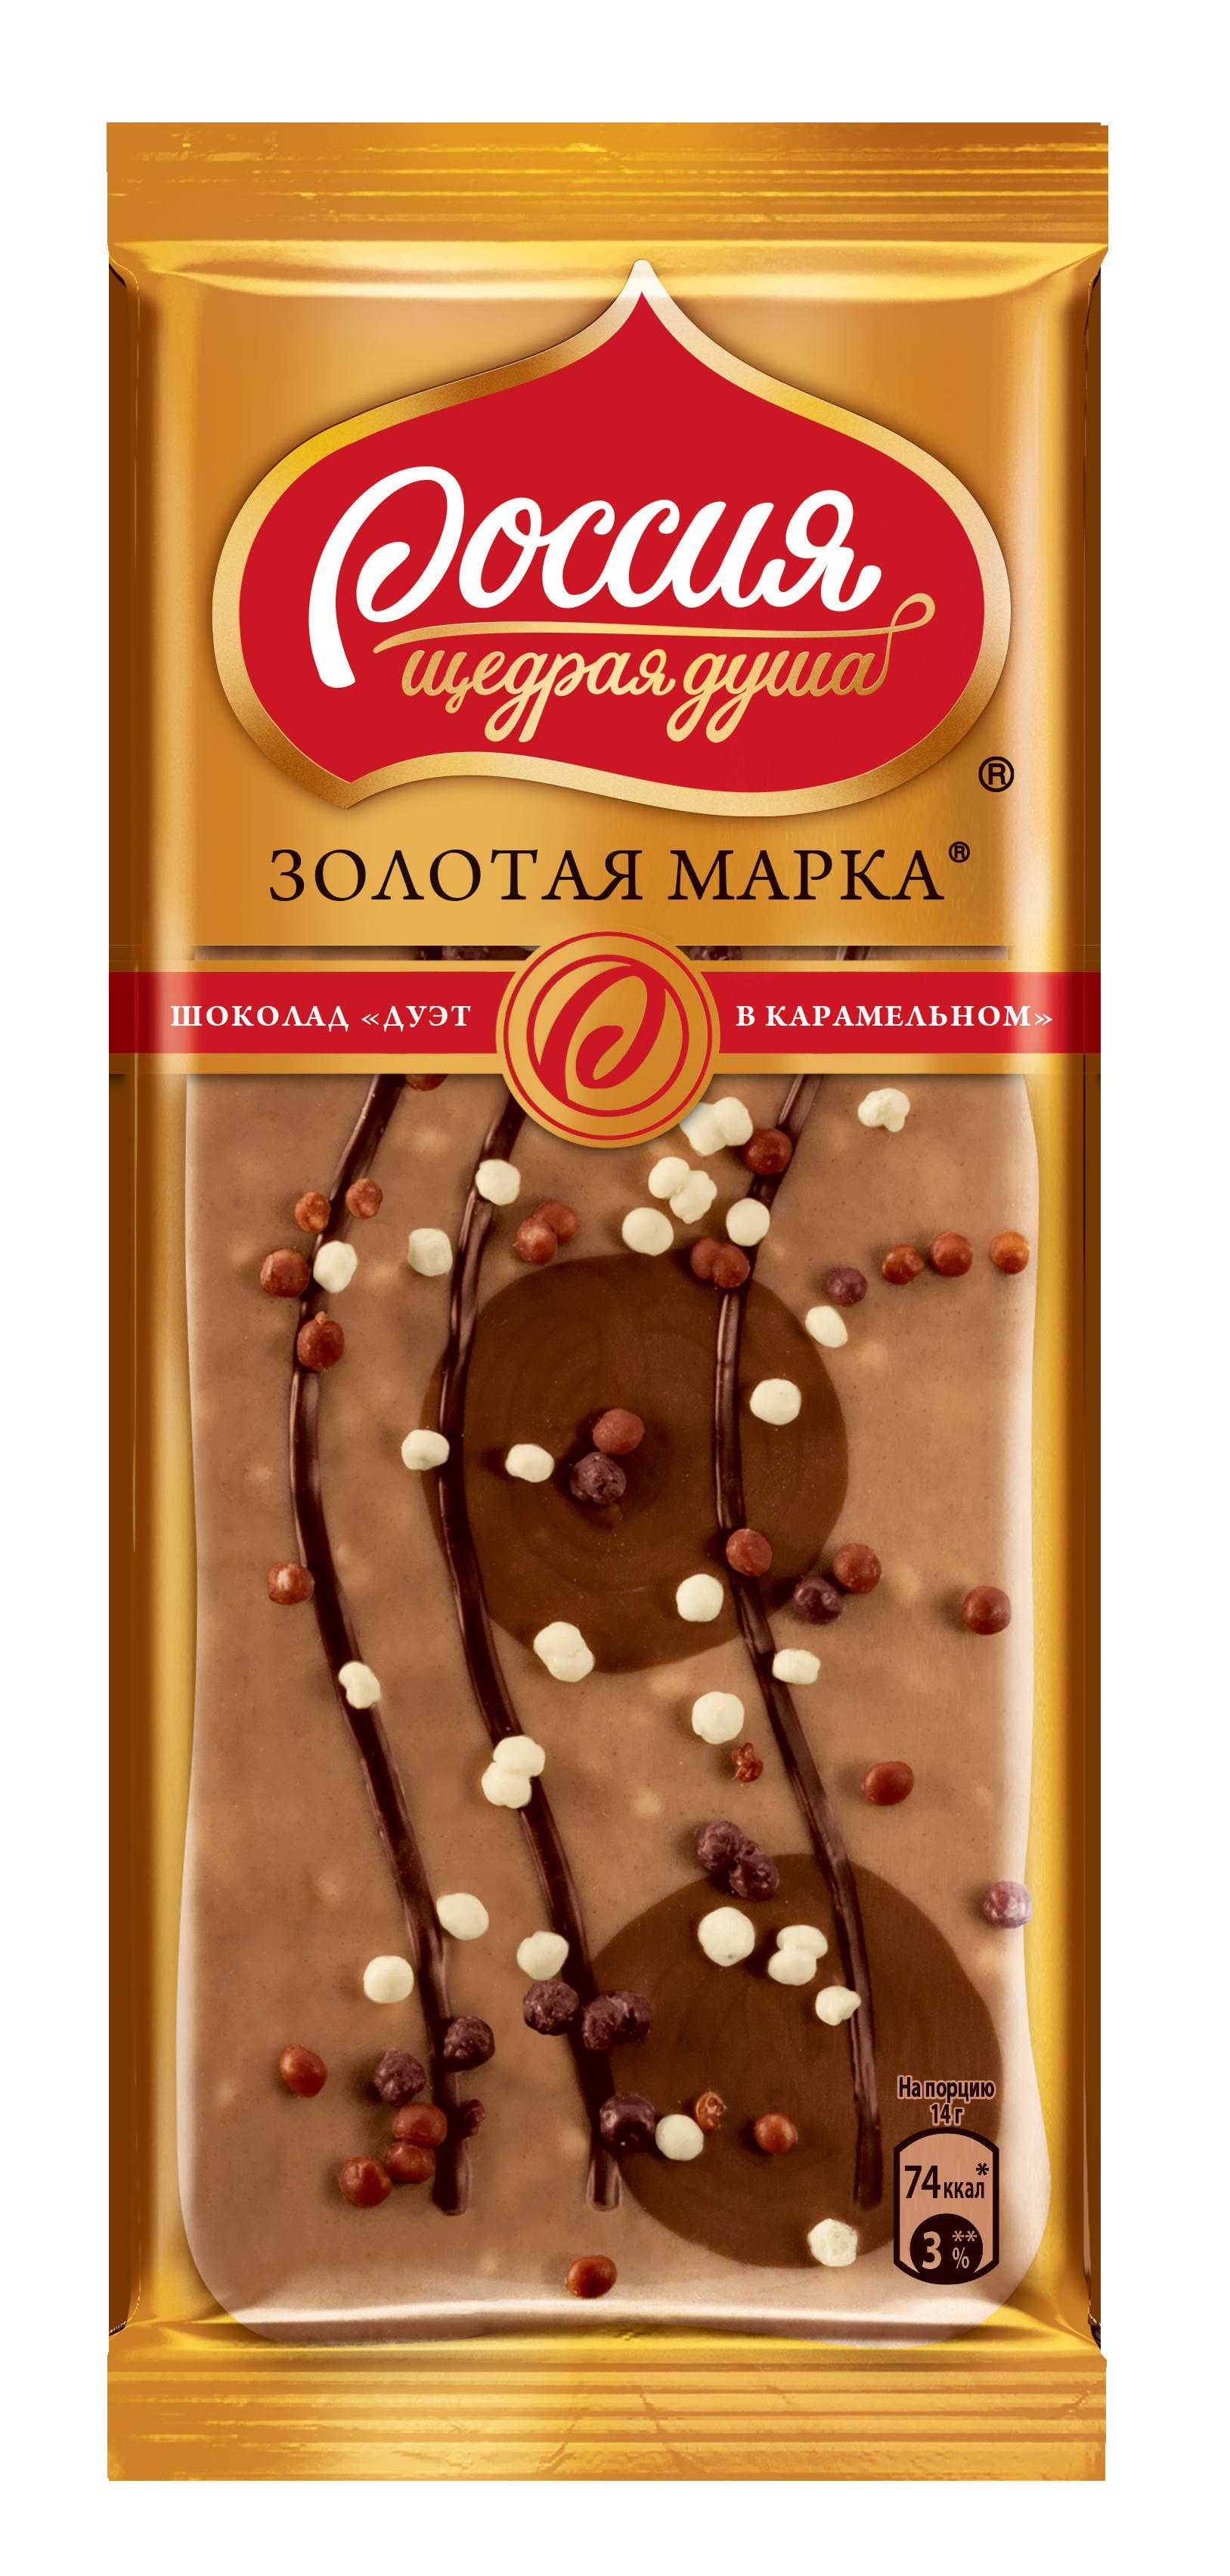 Шоколад Россия - Щедрая душа! золотая марка дуэт в карамельном 85 г